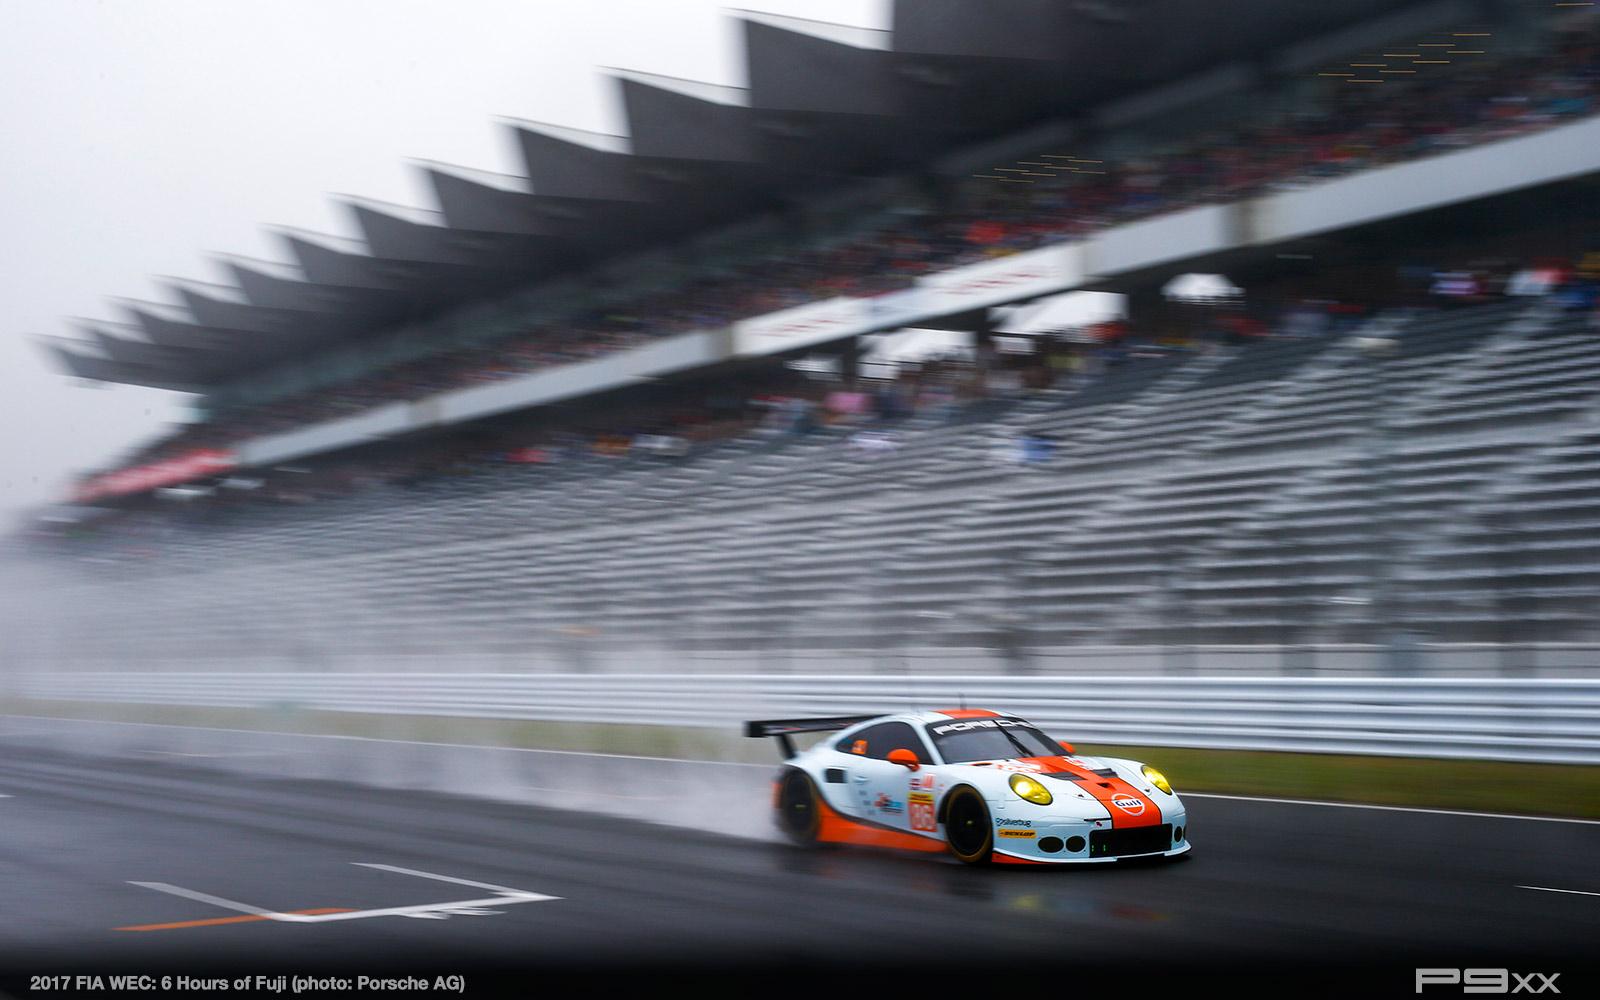 2017-FIA-WEC-6h-of-Fuji-Porsche-486